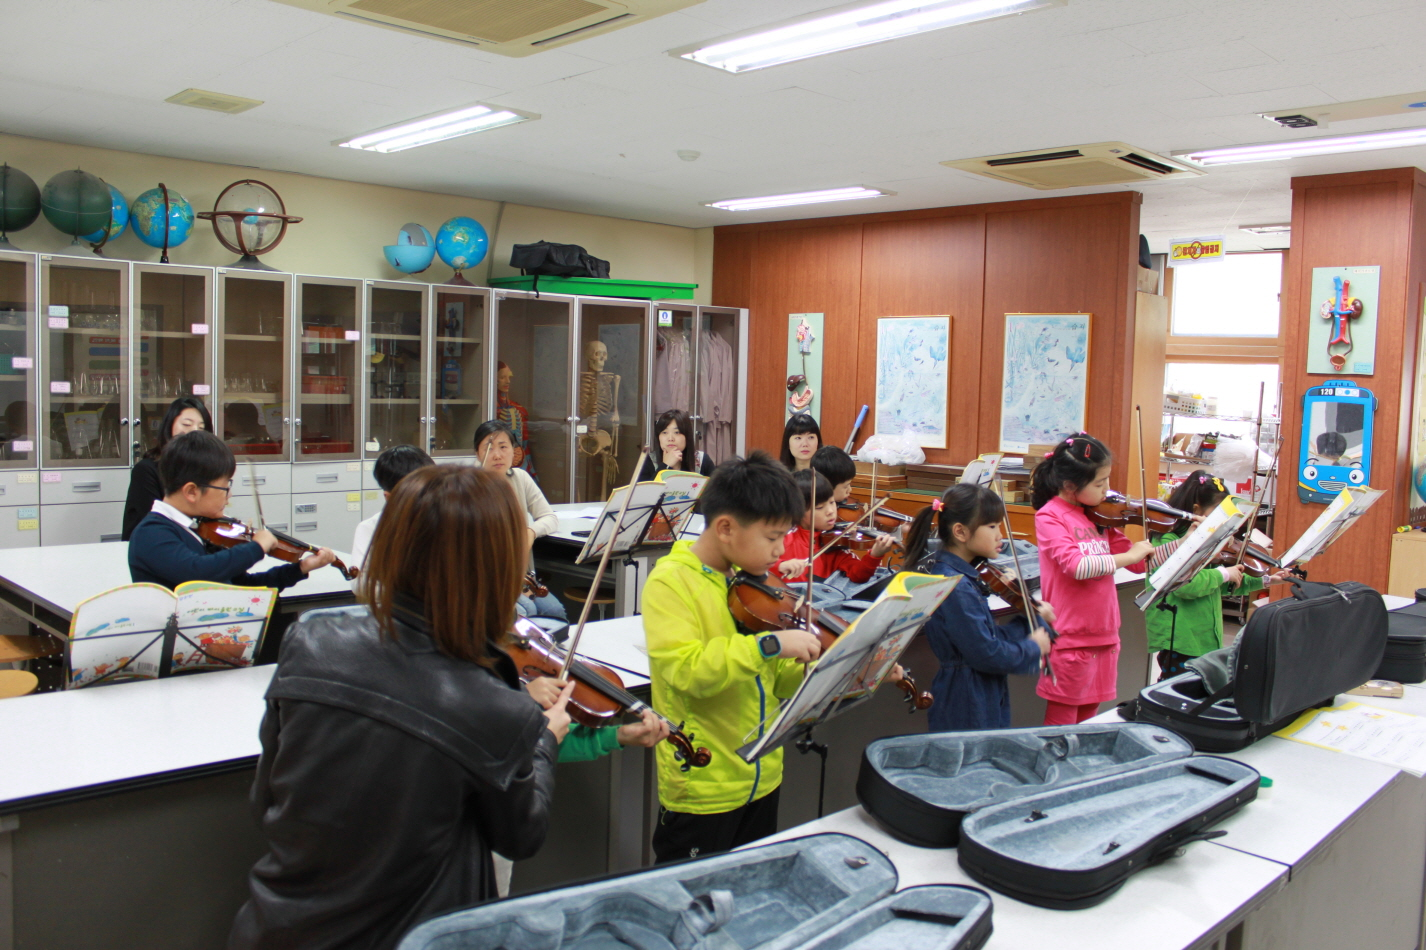 [일반] 방과후학교 학부모 공개수업1의 첨부이미지 1